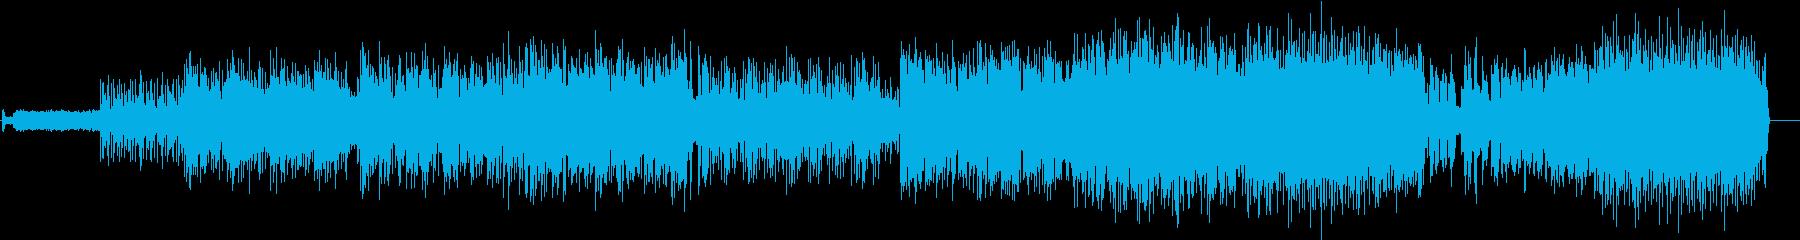 テンション高めのアップテンポな曲、DnBの再生済みの波形